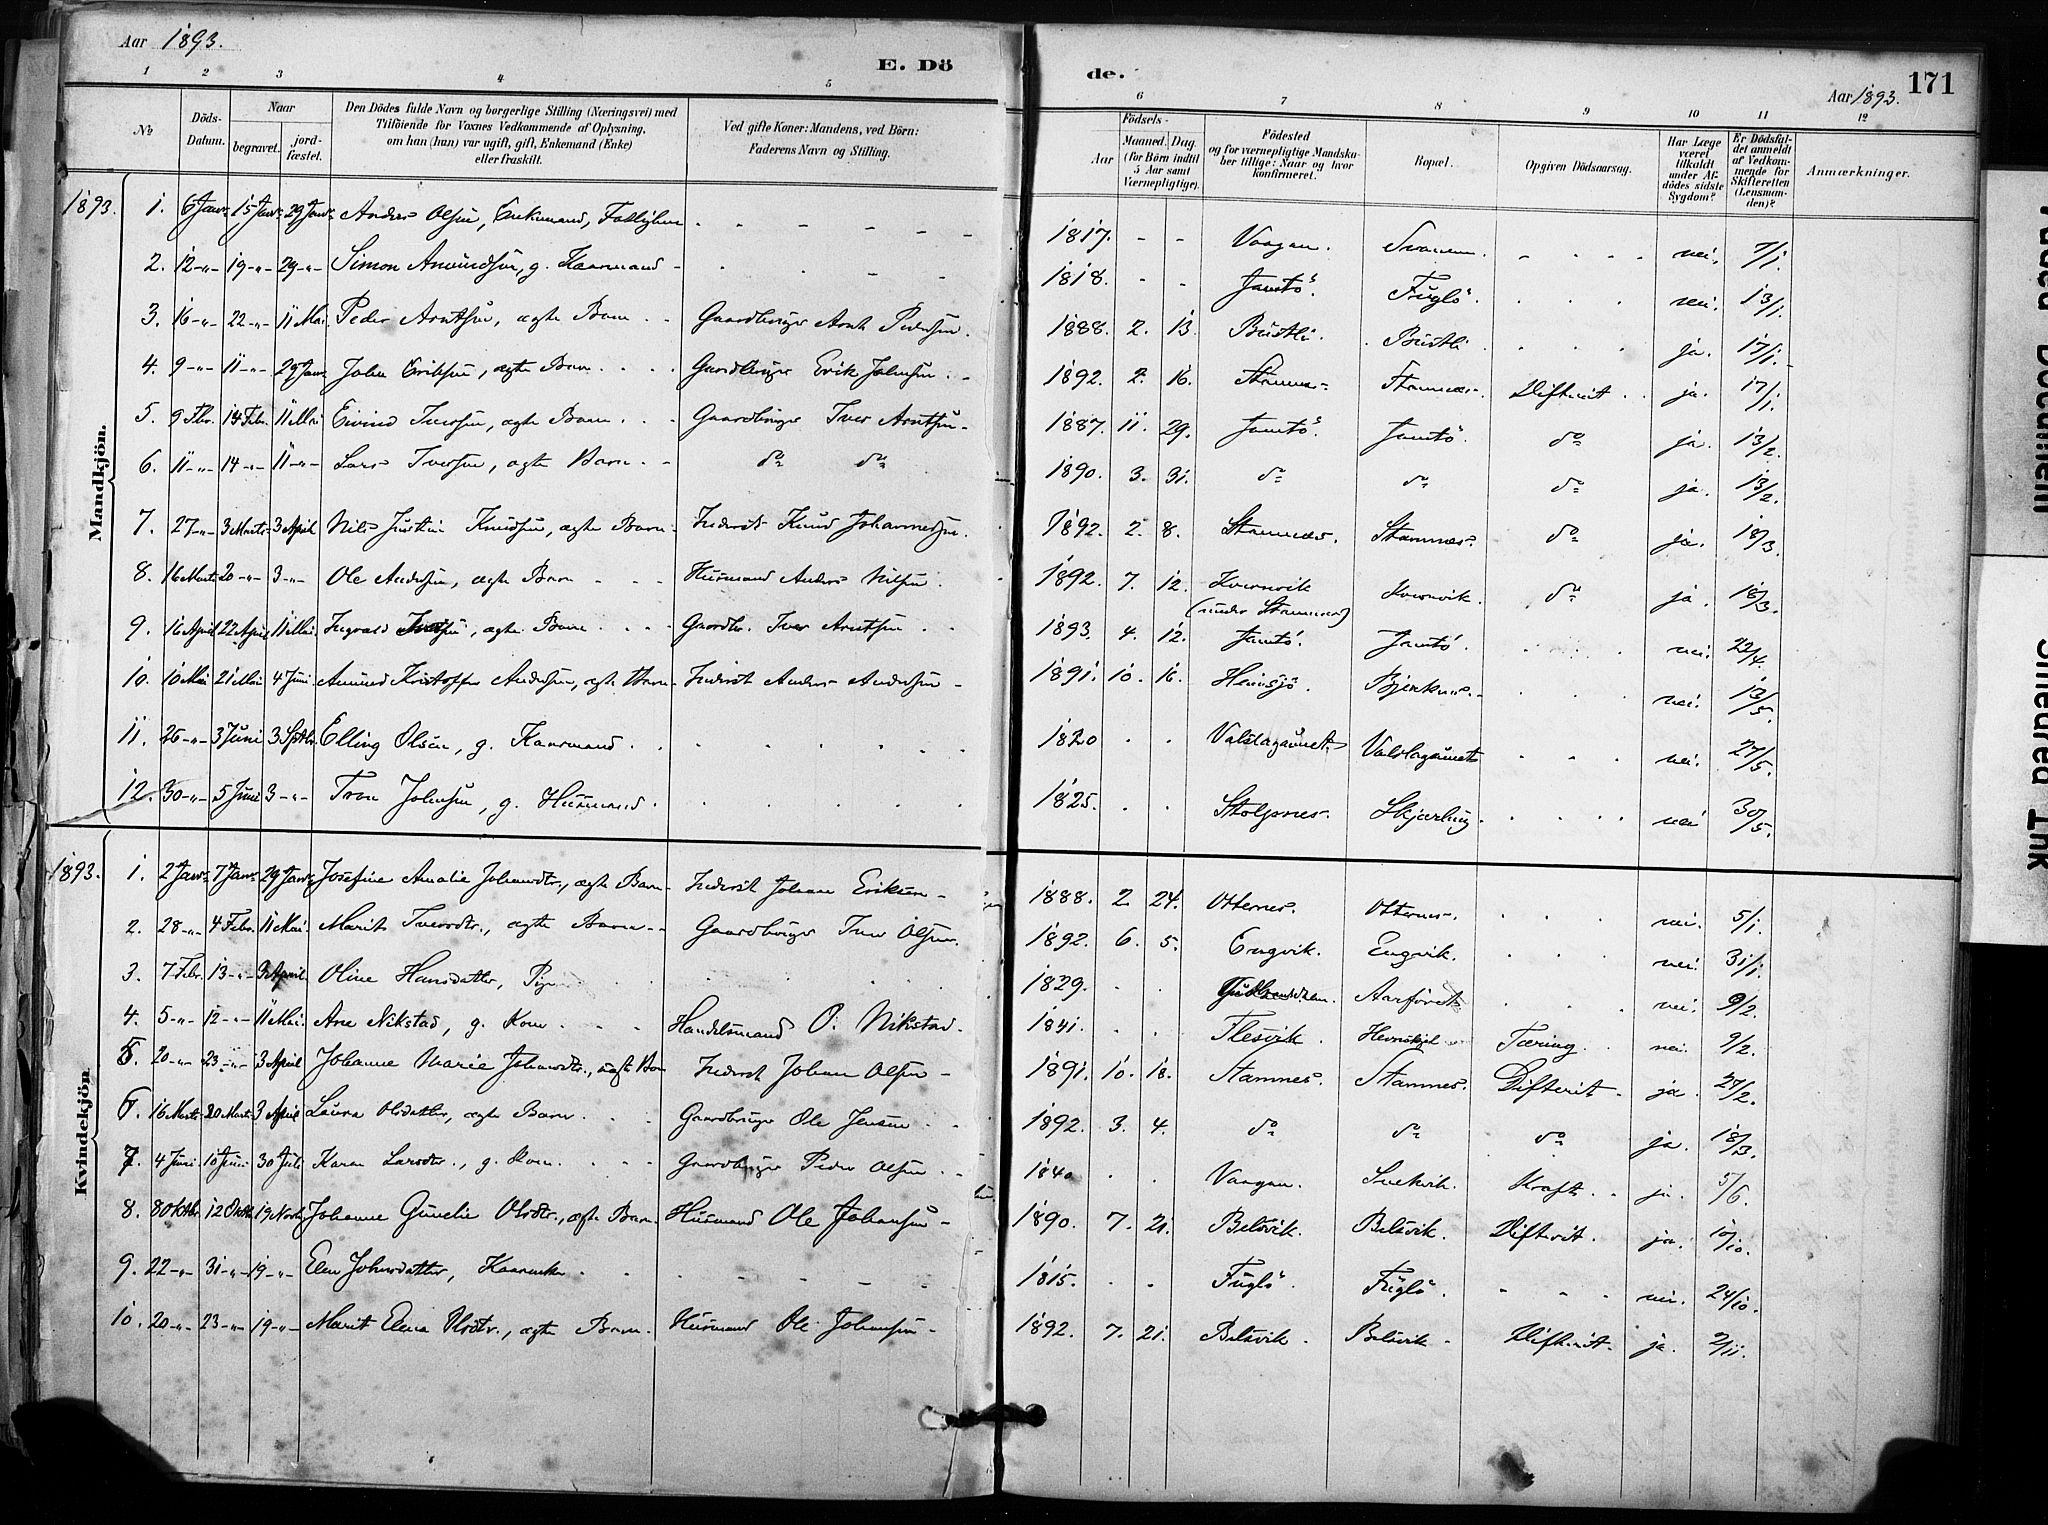 SAT, Ministerialprotokoller, klokkerbøker og fødselsregistre - Sør-Trøndelag, 633/L0518: Ministerialbok nr. 633A01, 1884-1906, s. 171